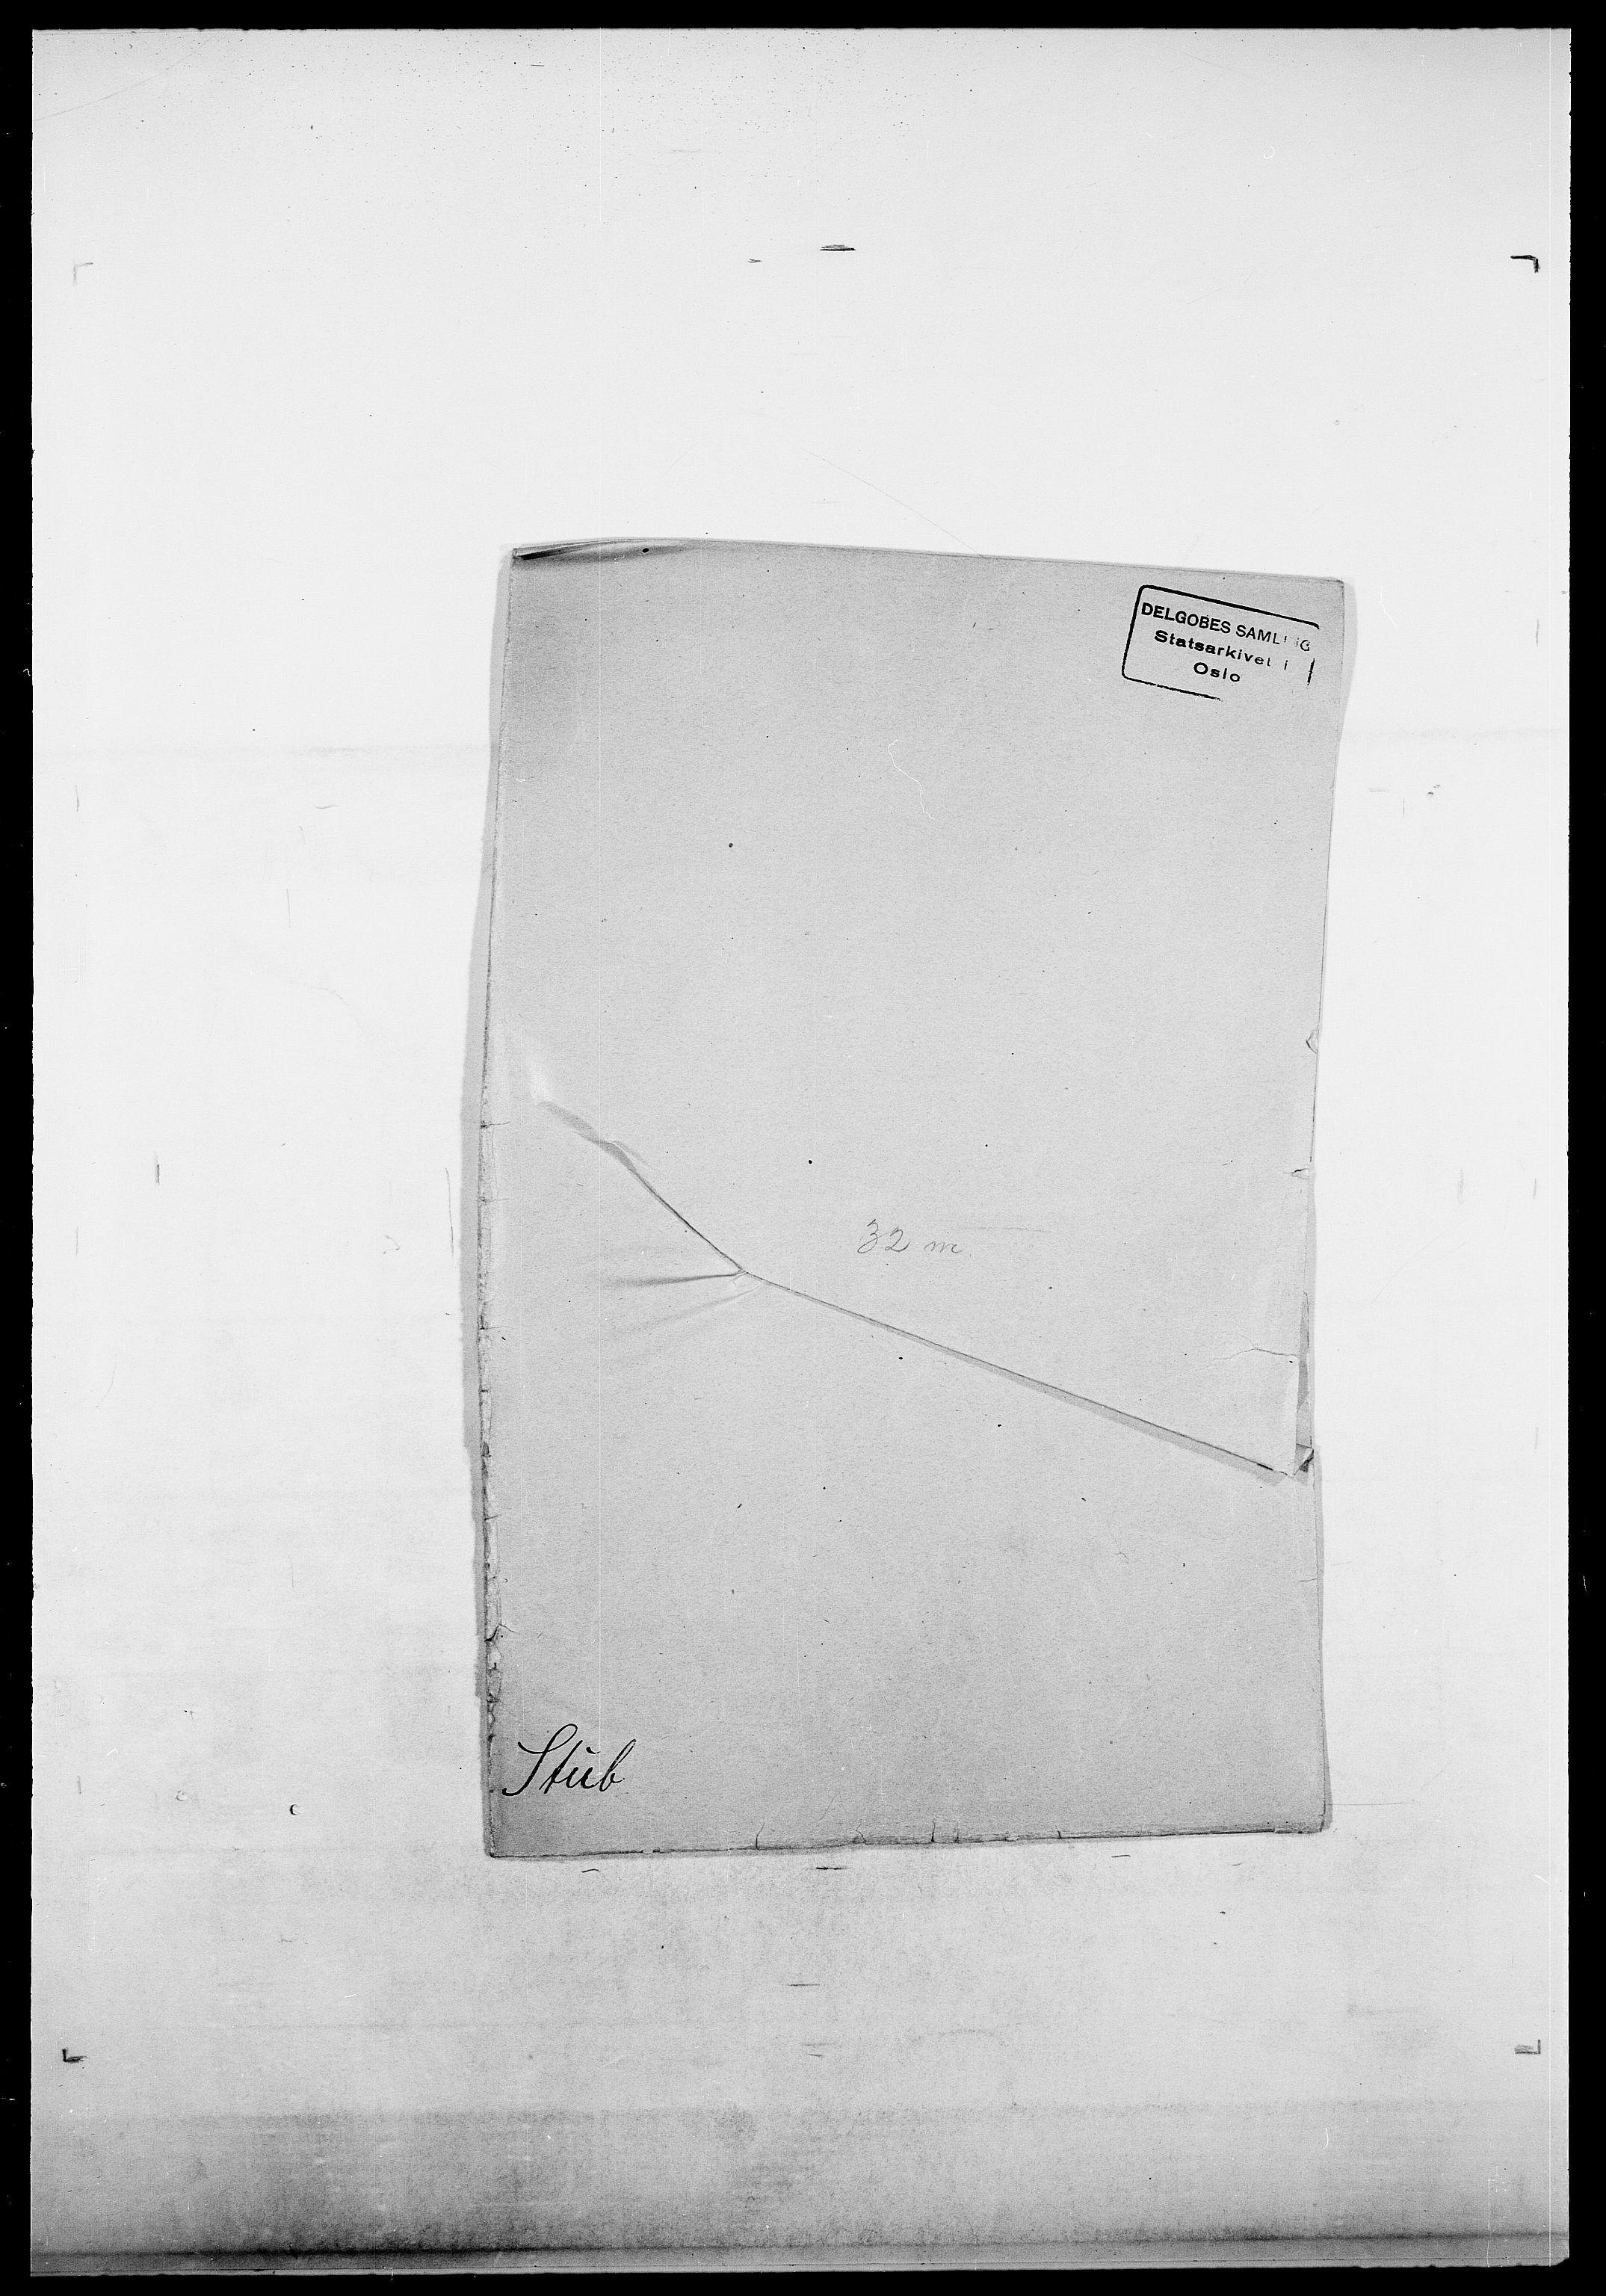 SAO, Delgobe, Charles Antoine - samling, D/Da/L0037: Steen, Sthen, Stein - Svare, Svanige, Svanne, se også Svanning og Schwane, s. 732